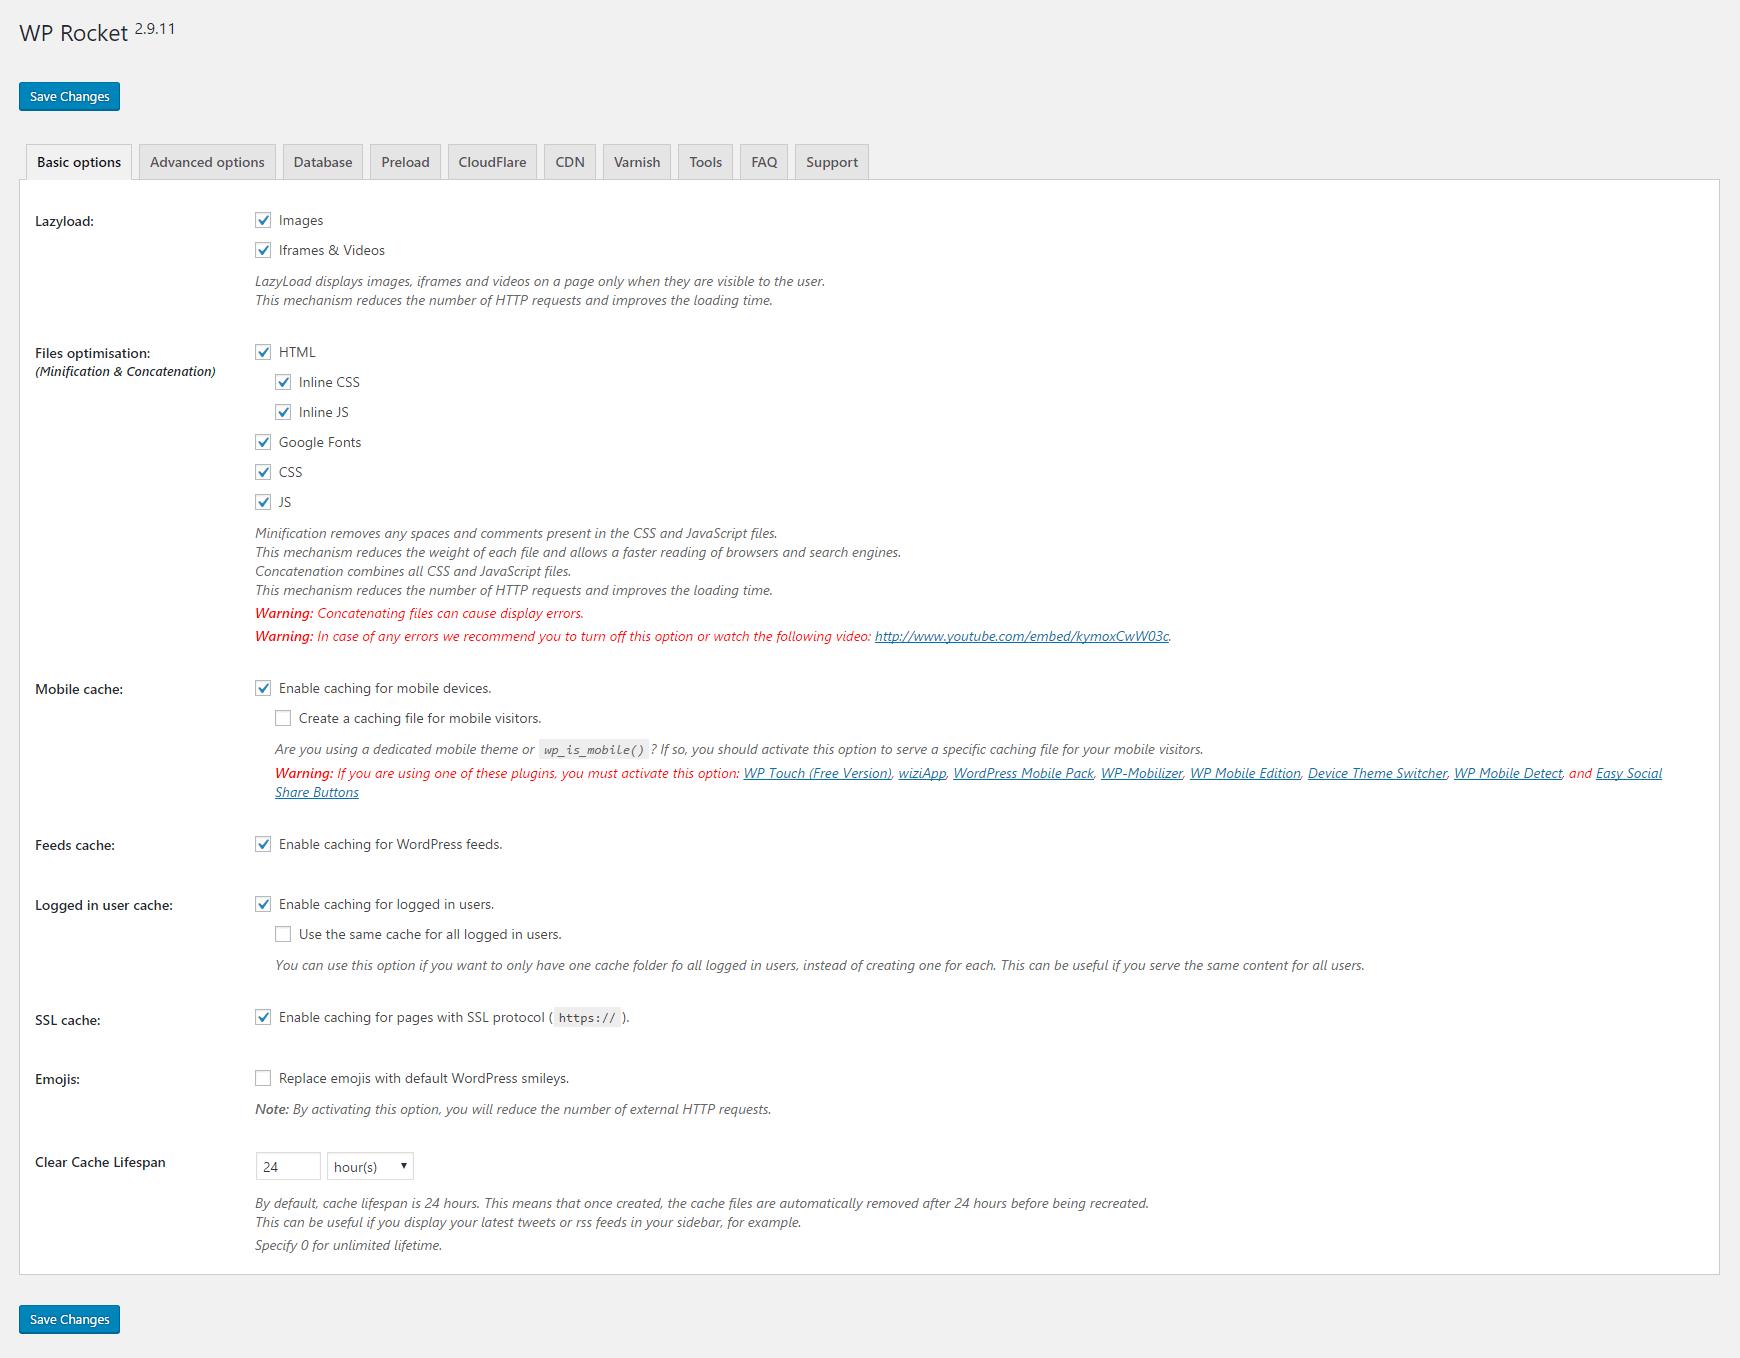 WP Rocket Basic Options